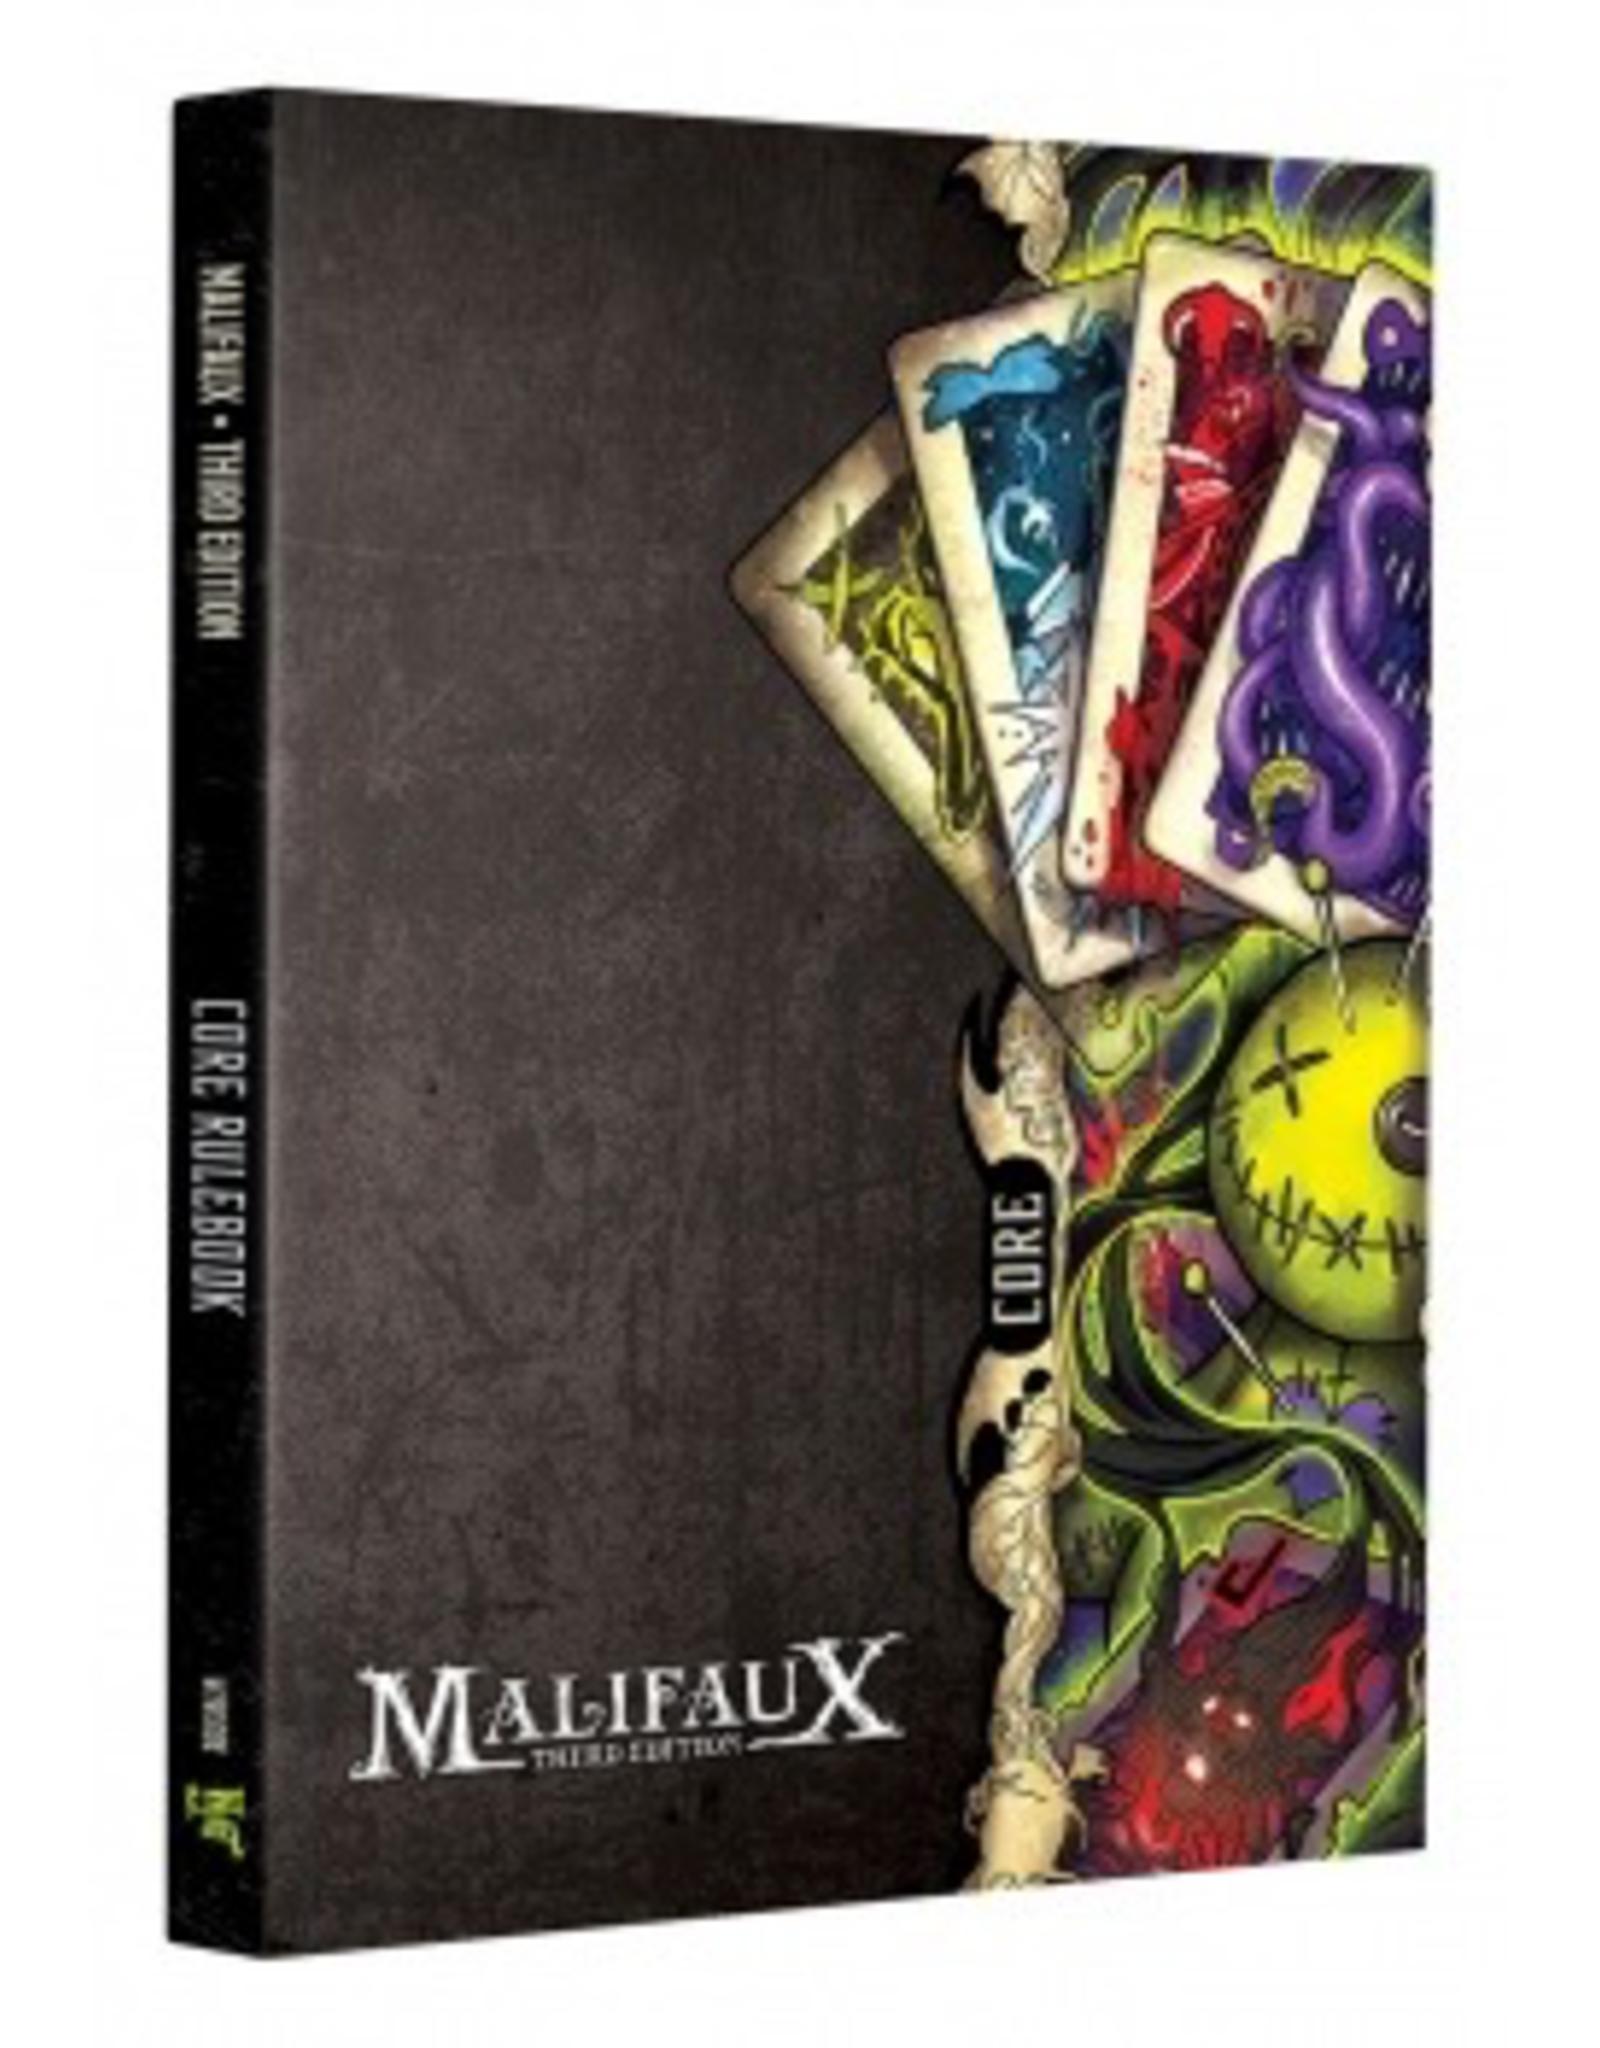 WYR - Malifaux Zubehör Malifaux 3rd Edition - Core Rulebook - EN